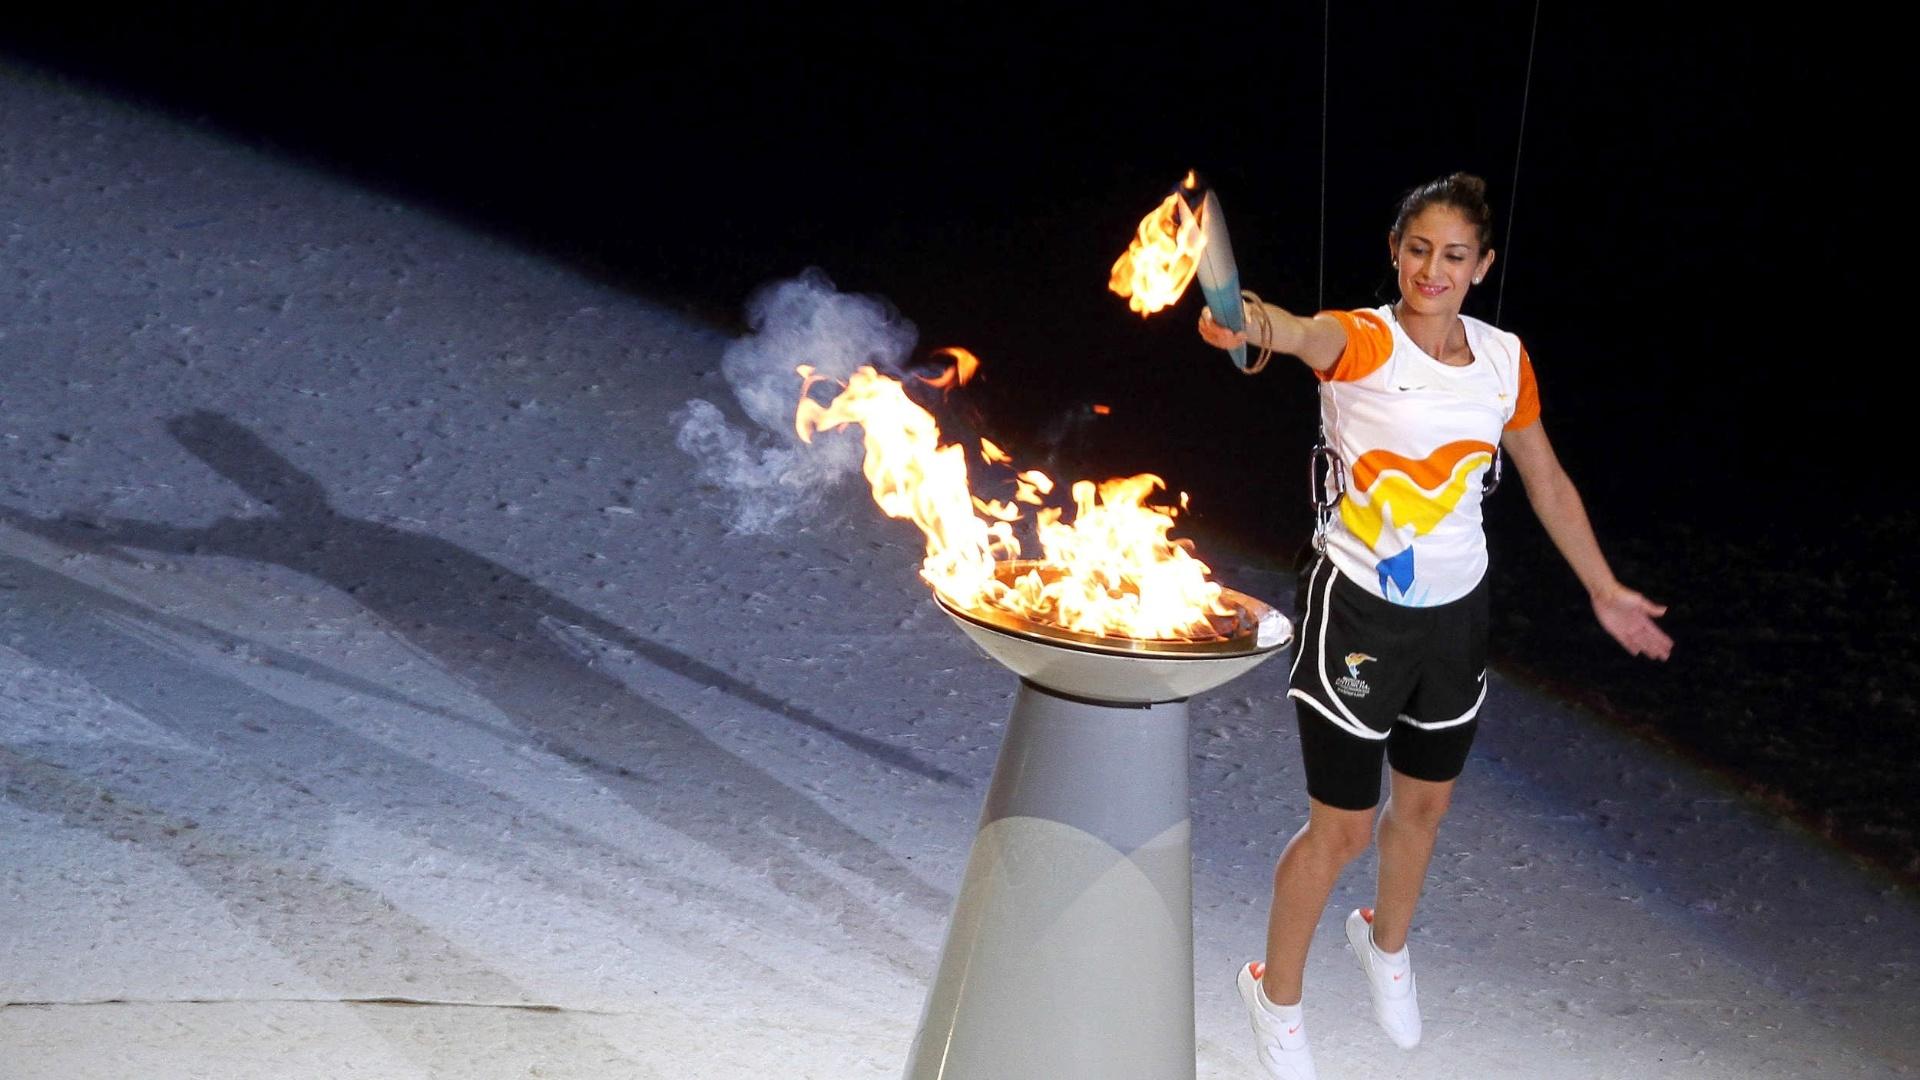 Campeã mundial de saltos ornamentais, Paola Espinoza acende a pira pan-americana